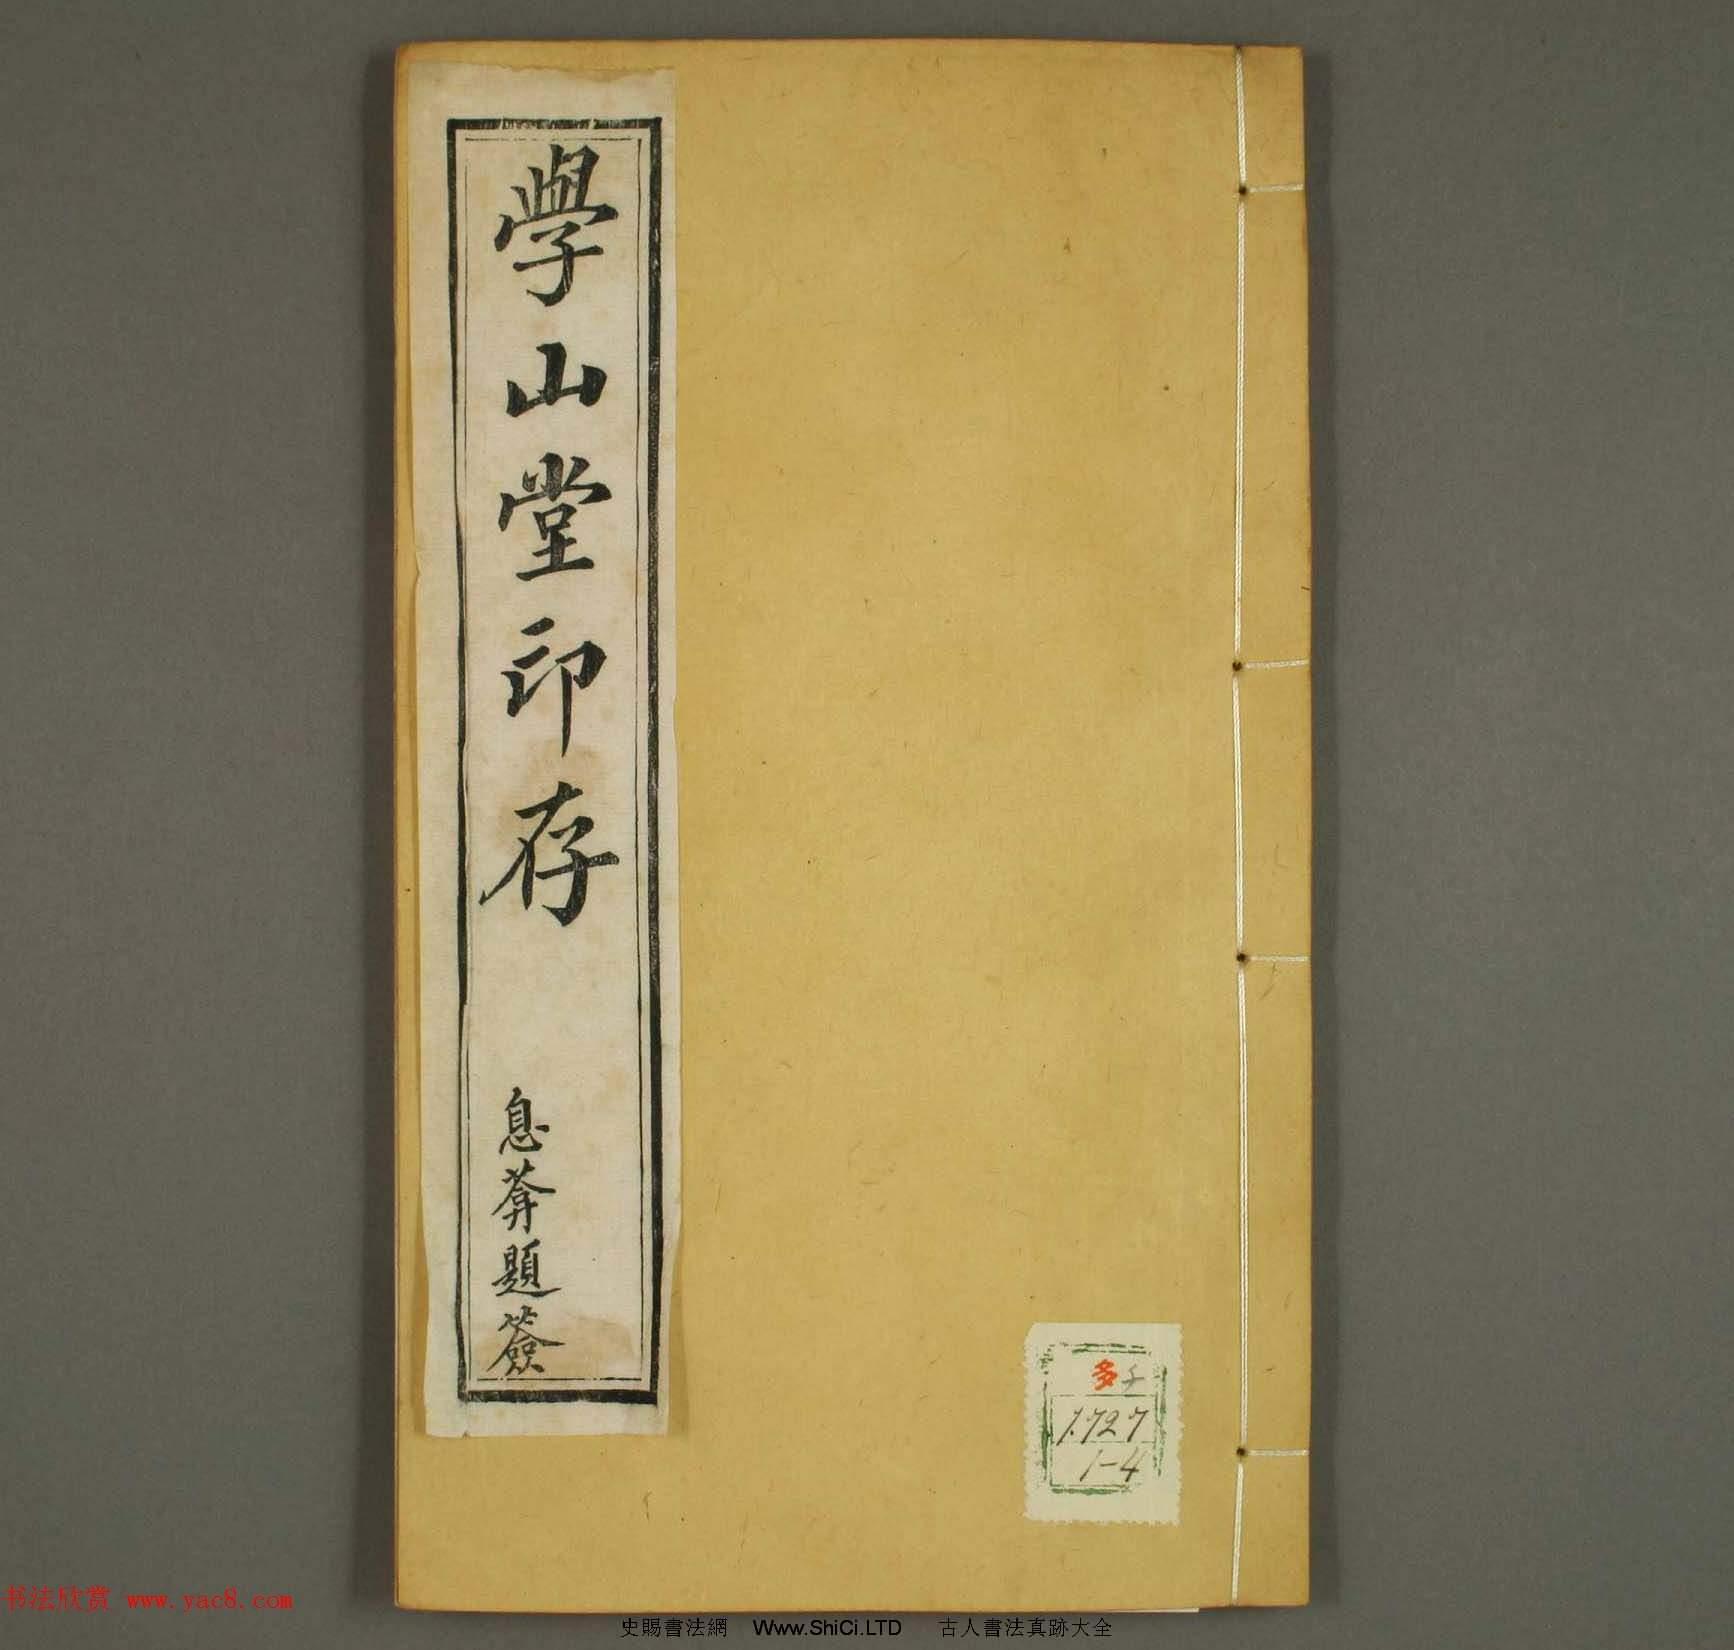 清代顧湘編《學山堂印存》卷一 白棉紙精印(共36張圖片)